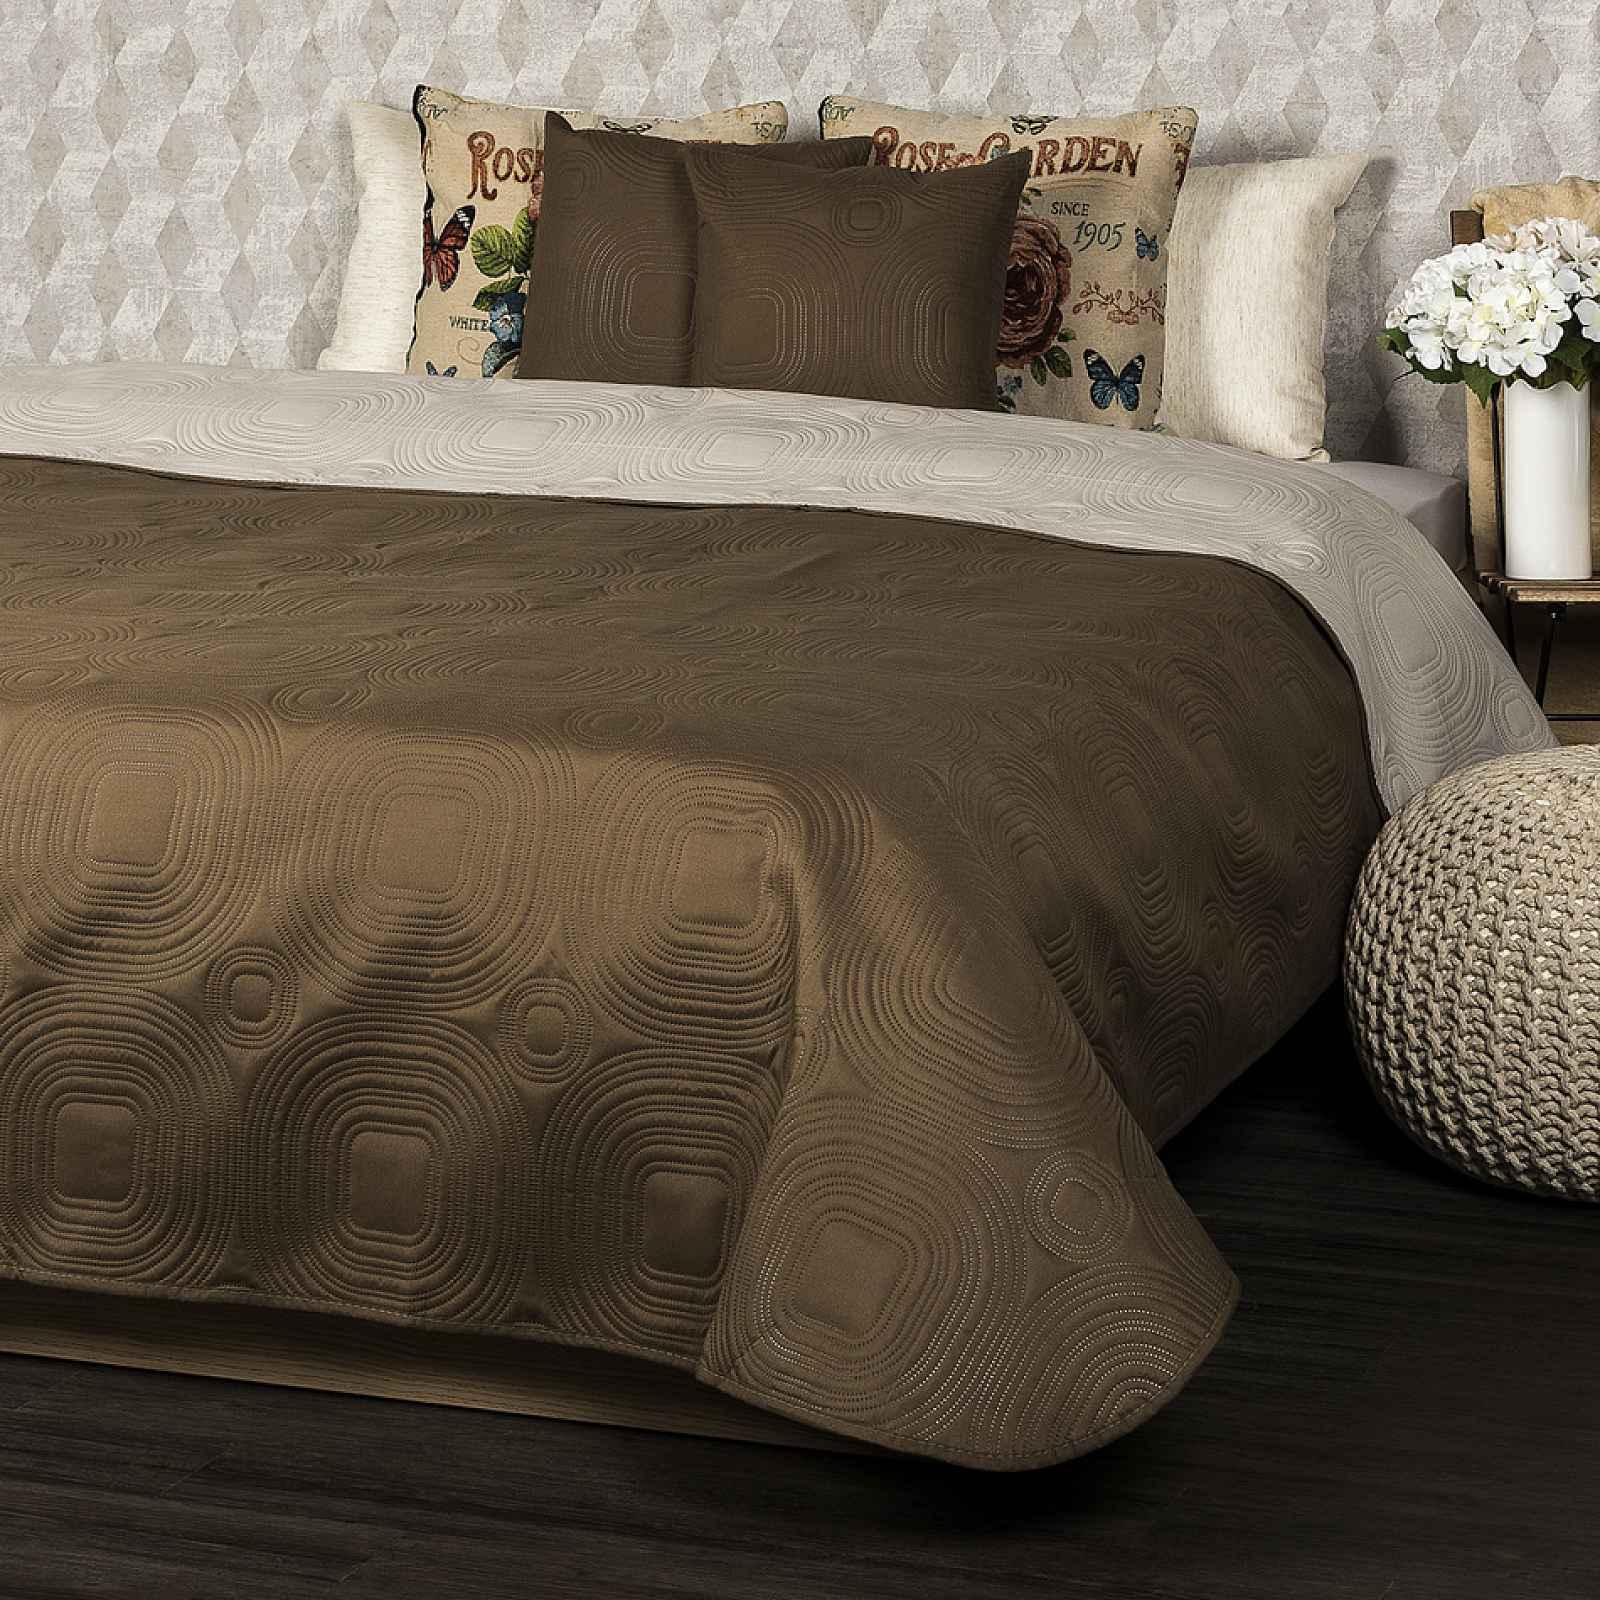 4Home Přehoz na postel Doubleface tmavě hnědá/světle hnědá, 220 x 240 cm, 2x 40 x 40 cm